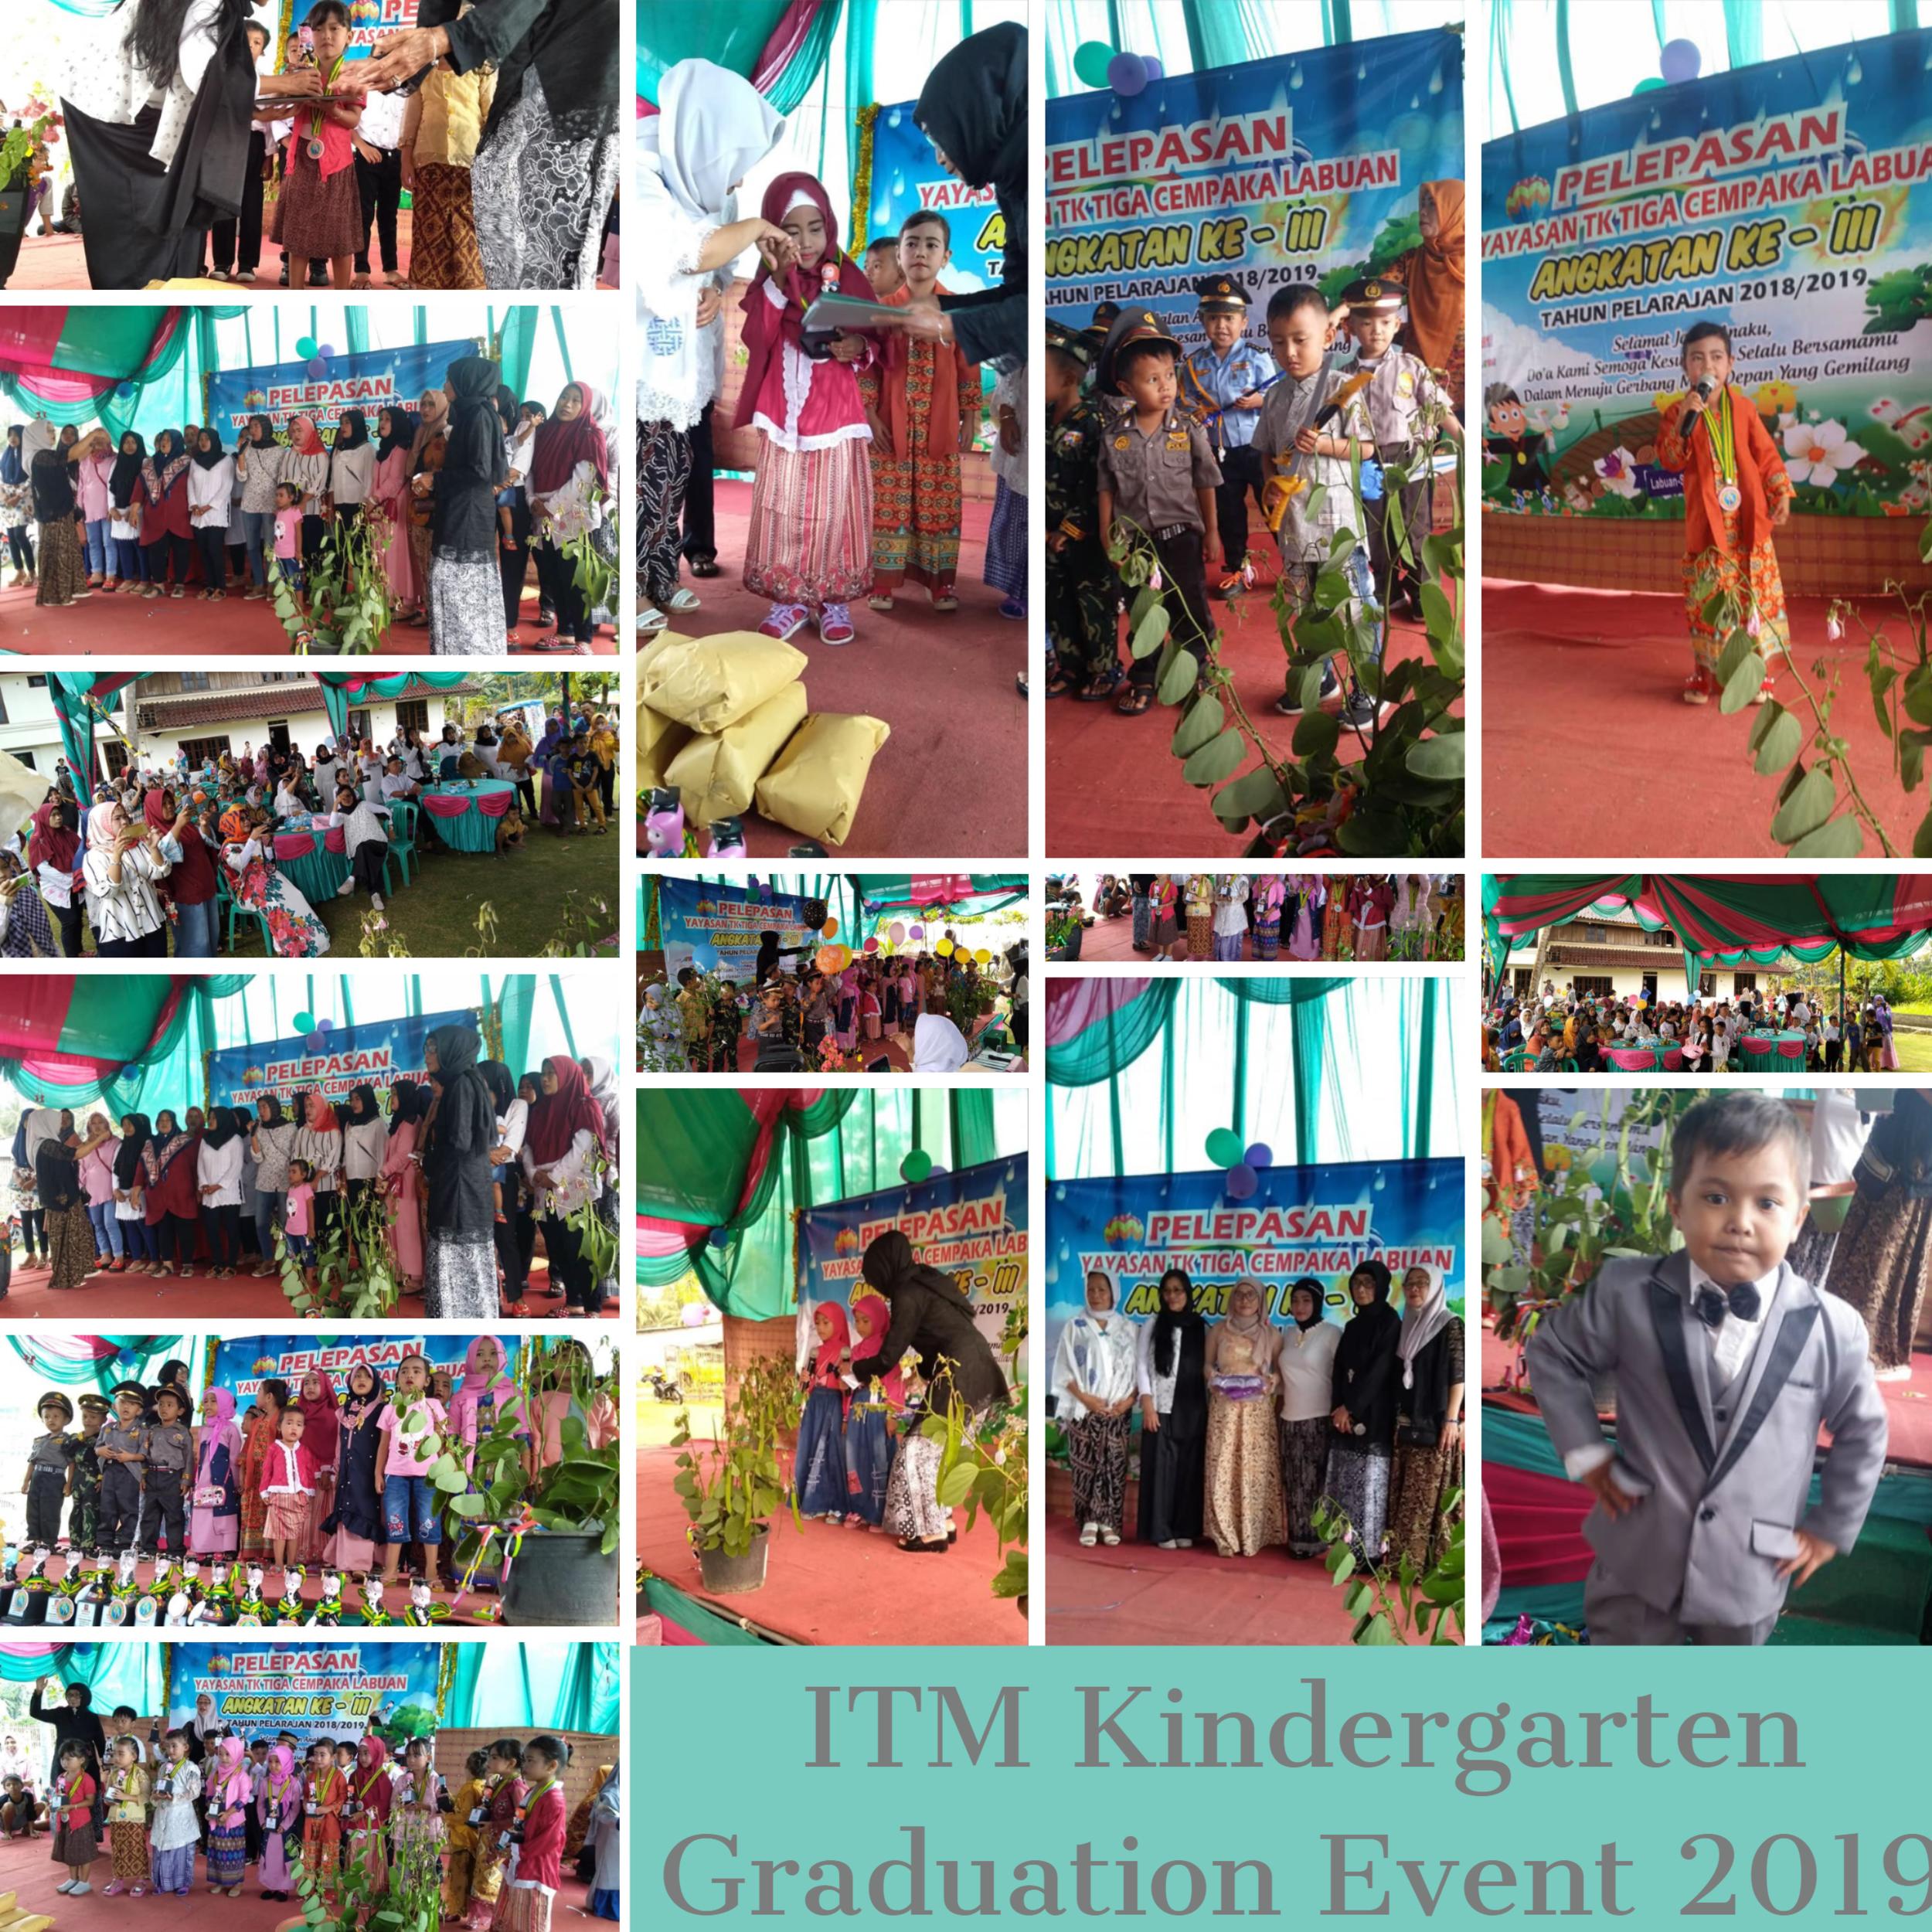 ITM Kindergarten Graduation Event 2019.png